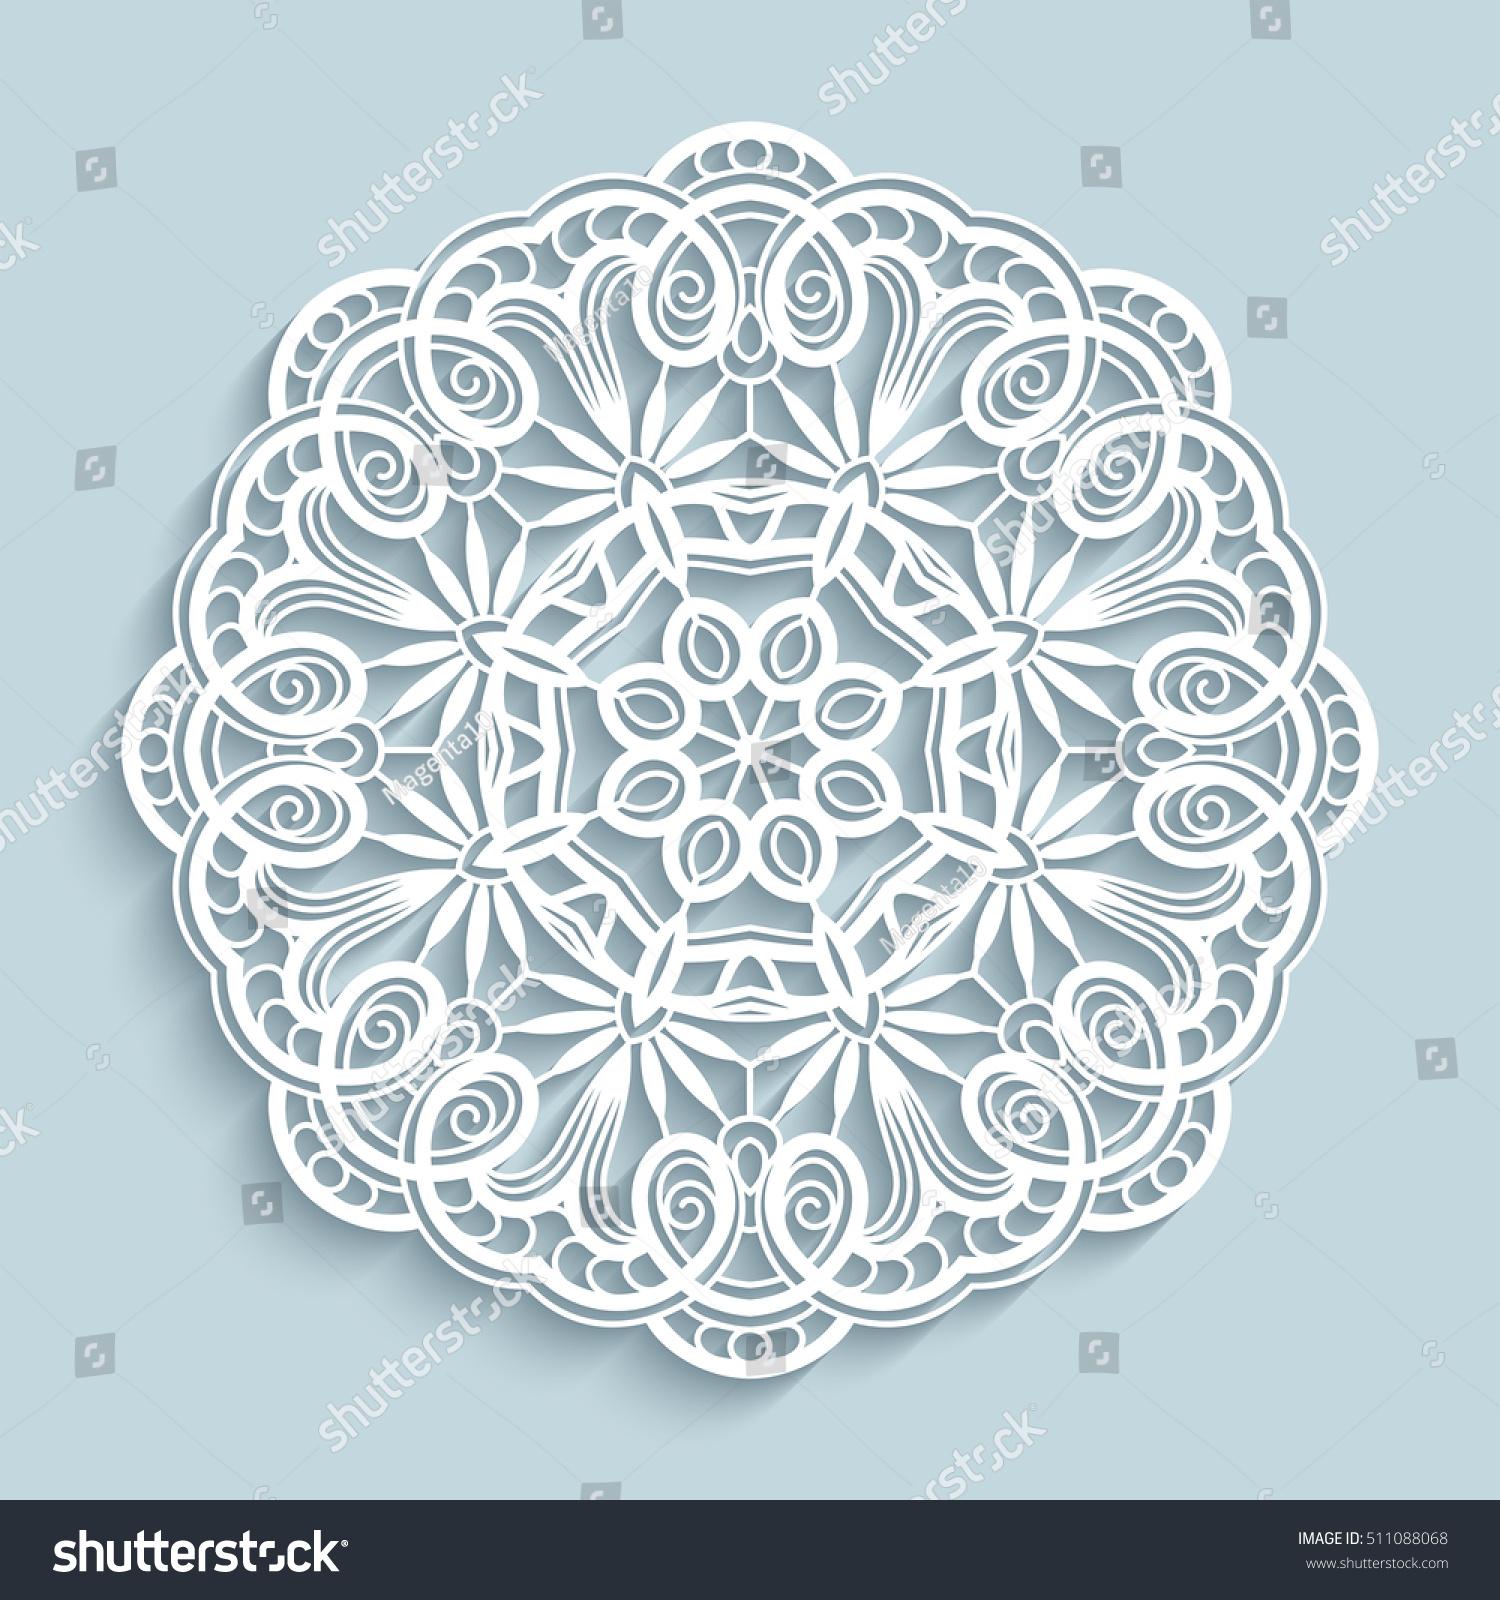 Round Cutout Paper Ornament Lace Doily Vector de stock511088068 ...